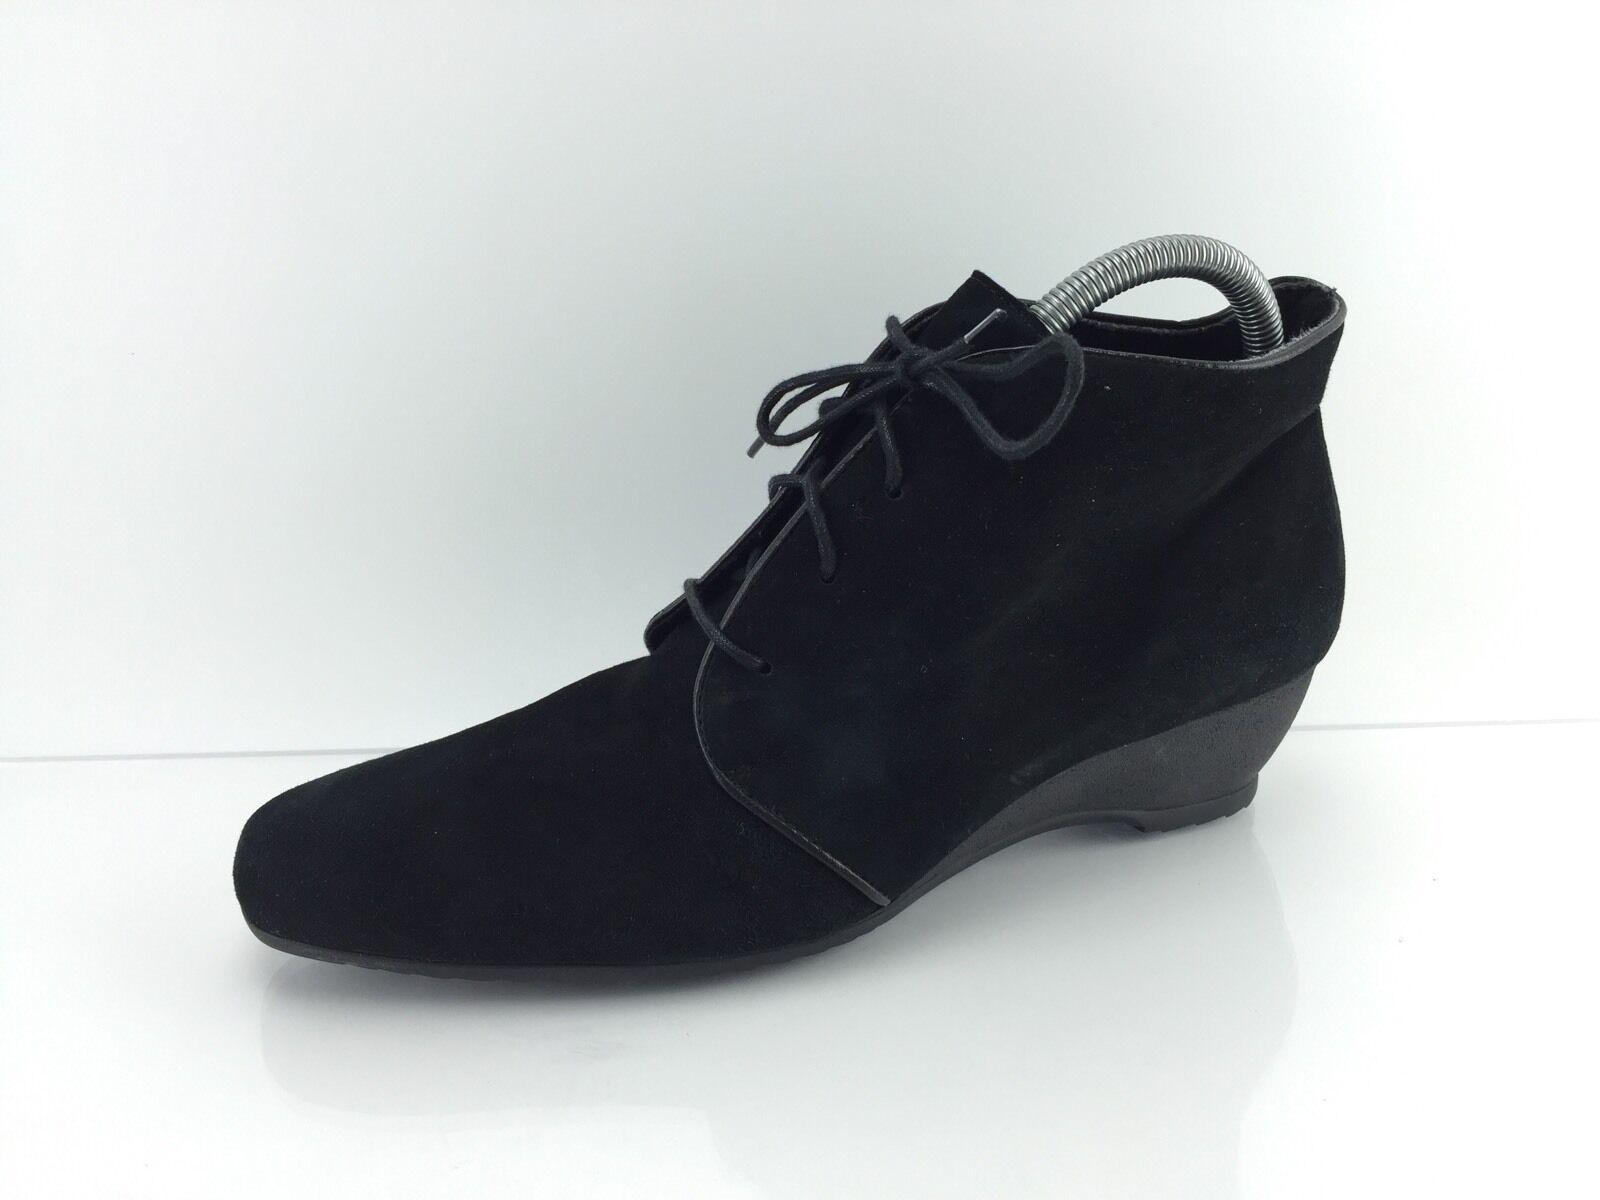 Munro noir Femme Bottines 10.5 N N N 856cfb